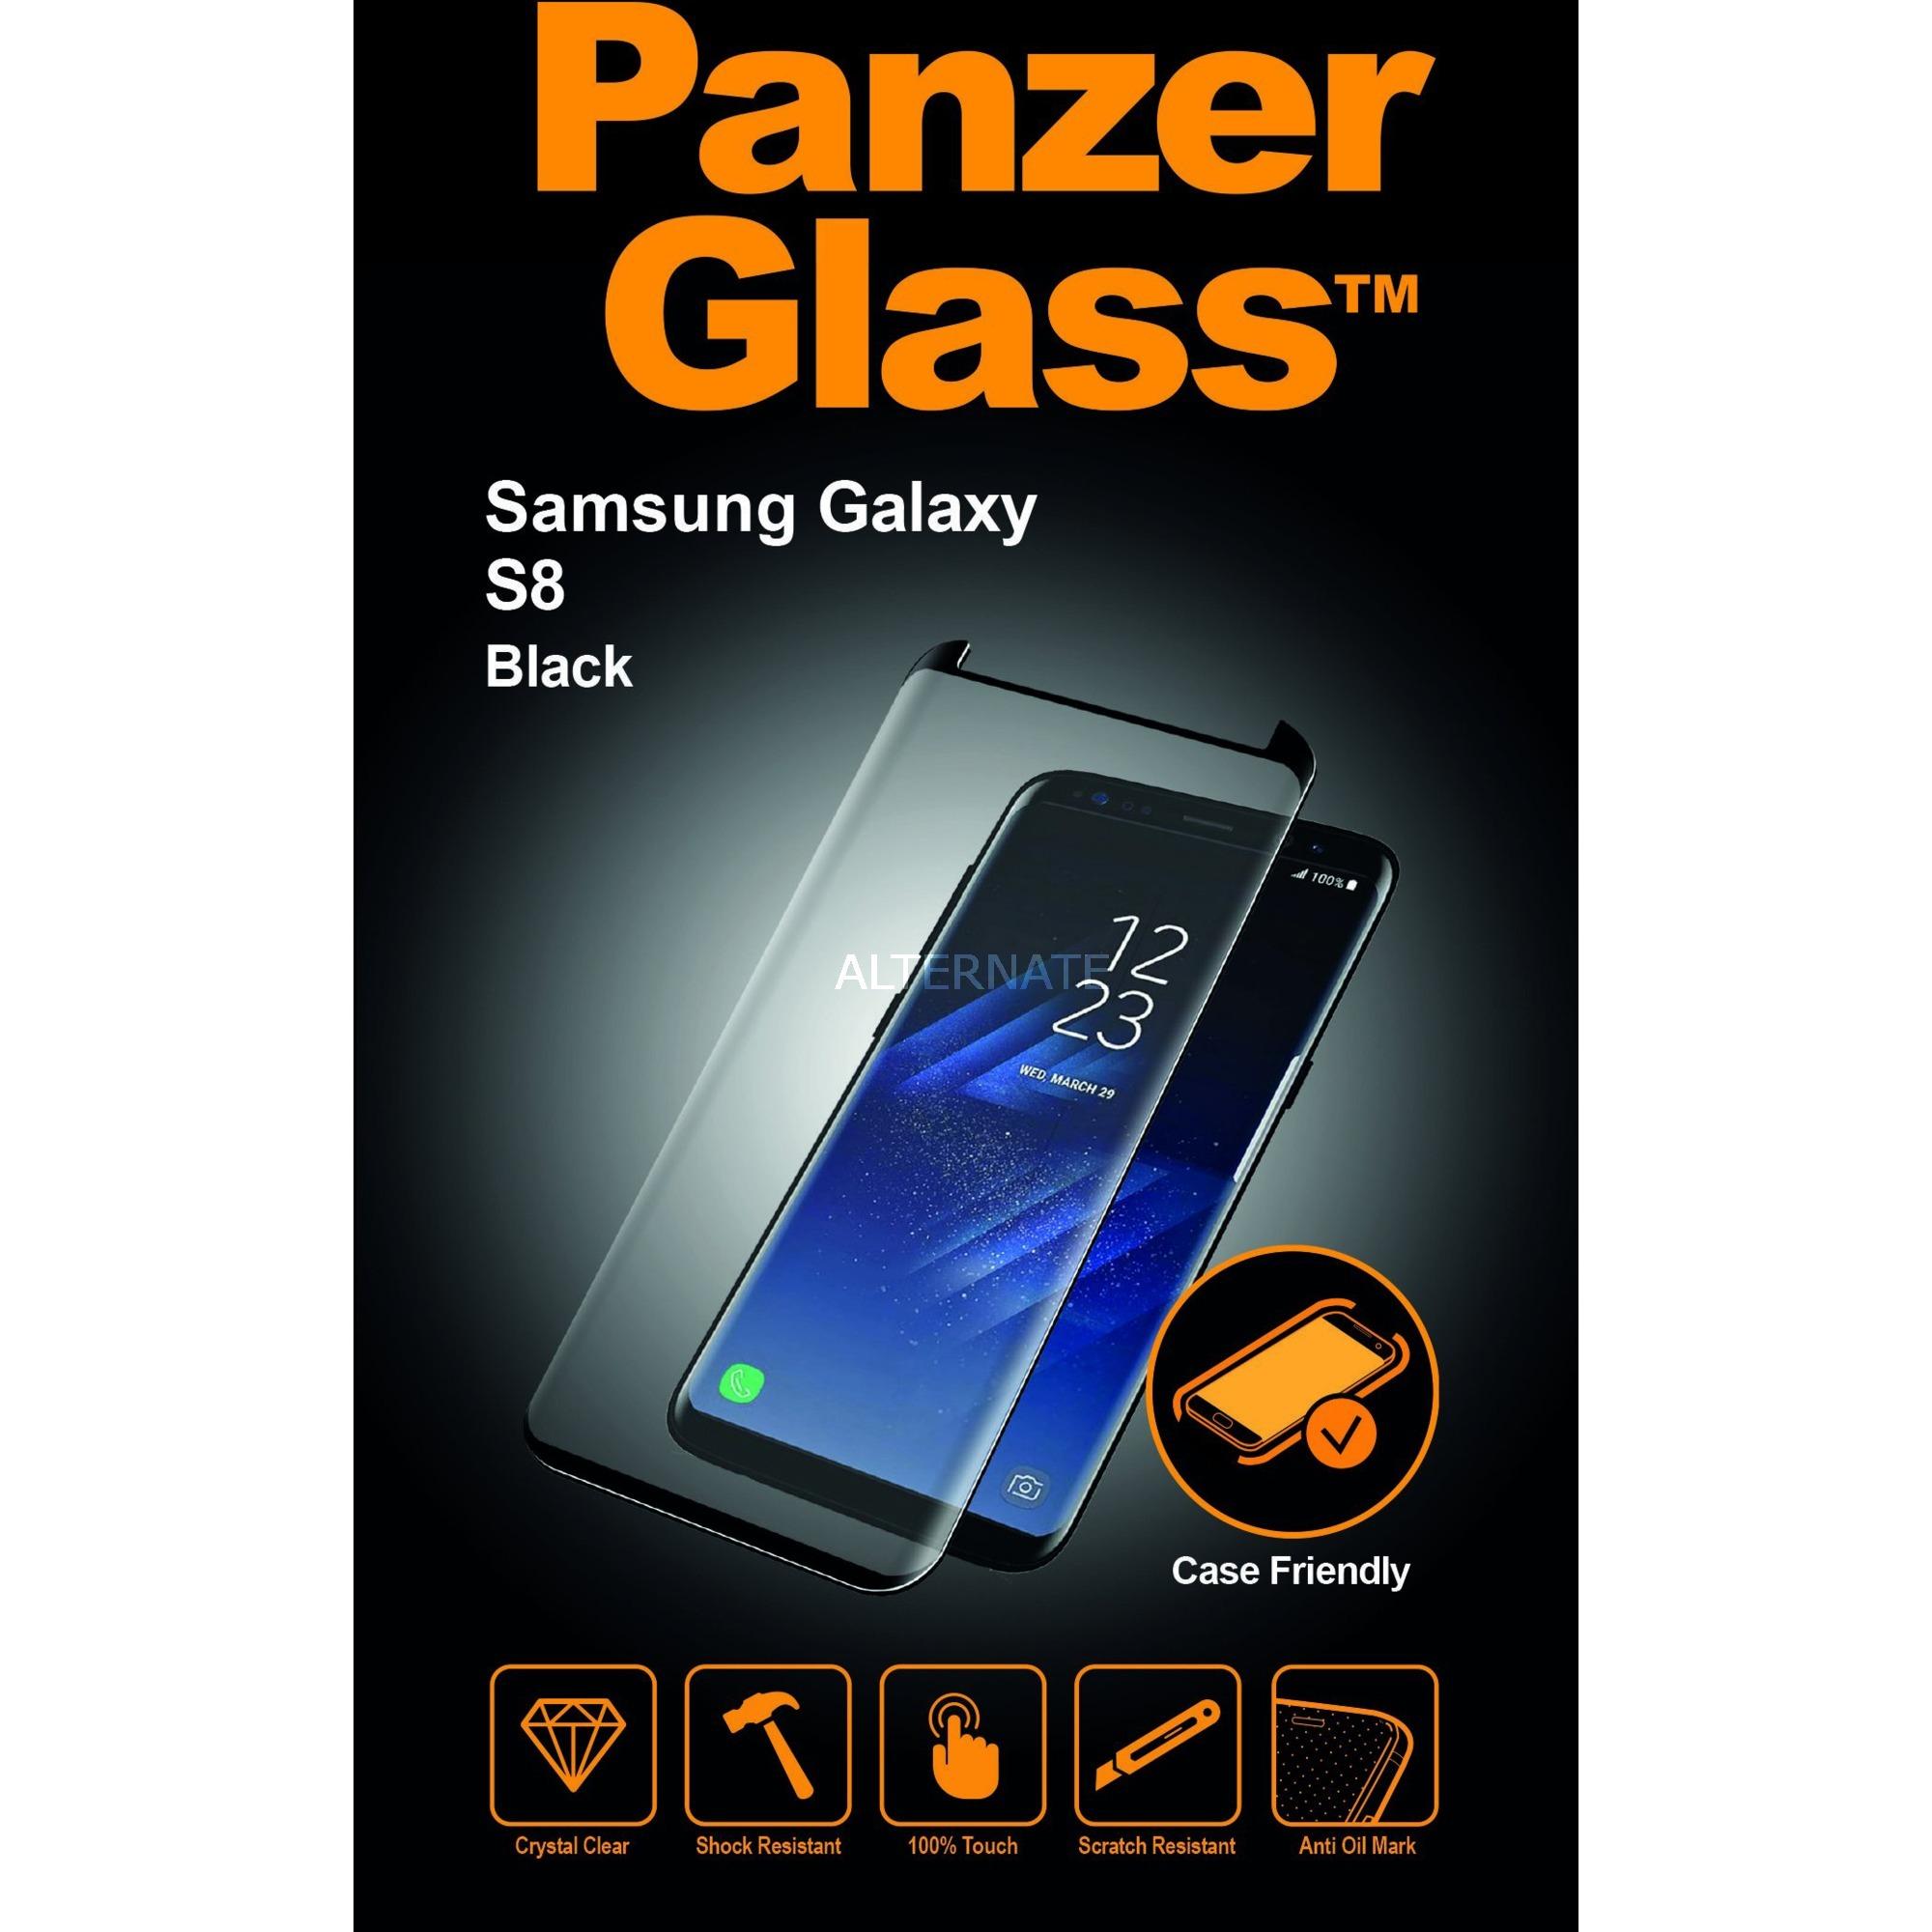 7122 protector de pantalla Galaxy S8 1 pieza(s), Película protectora